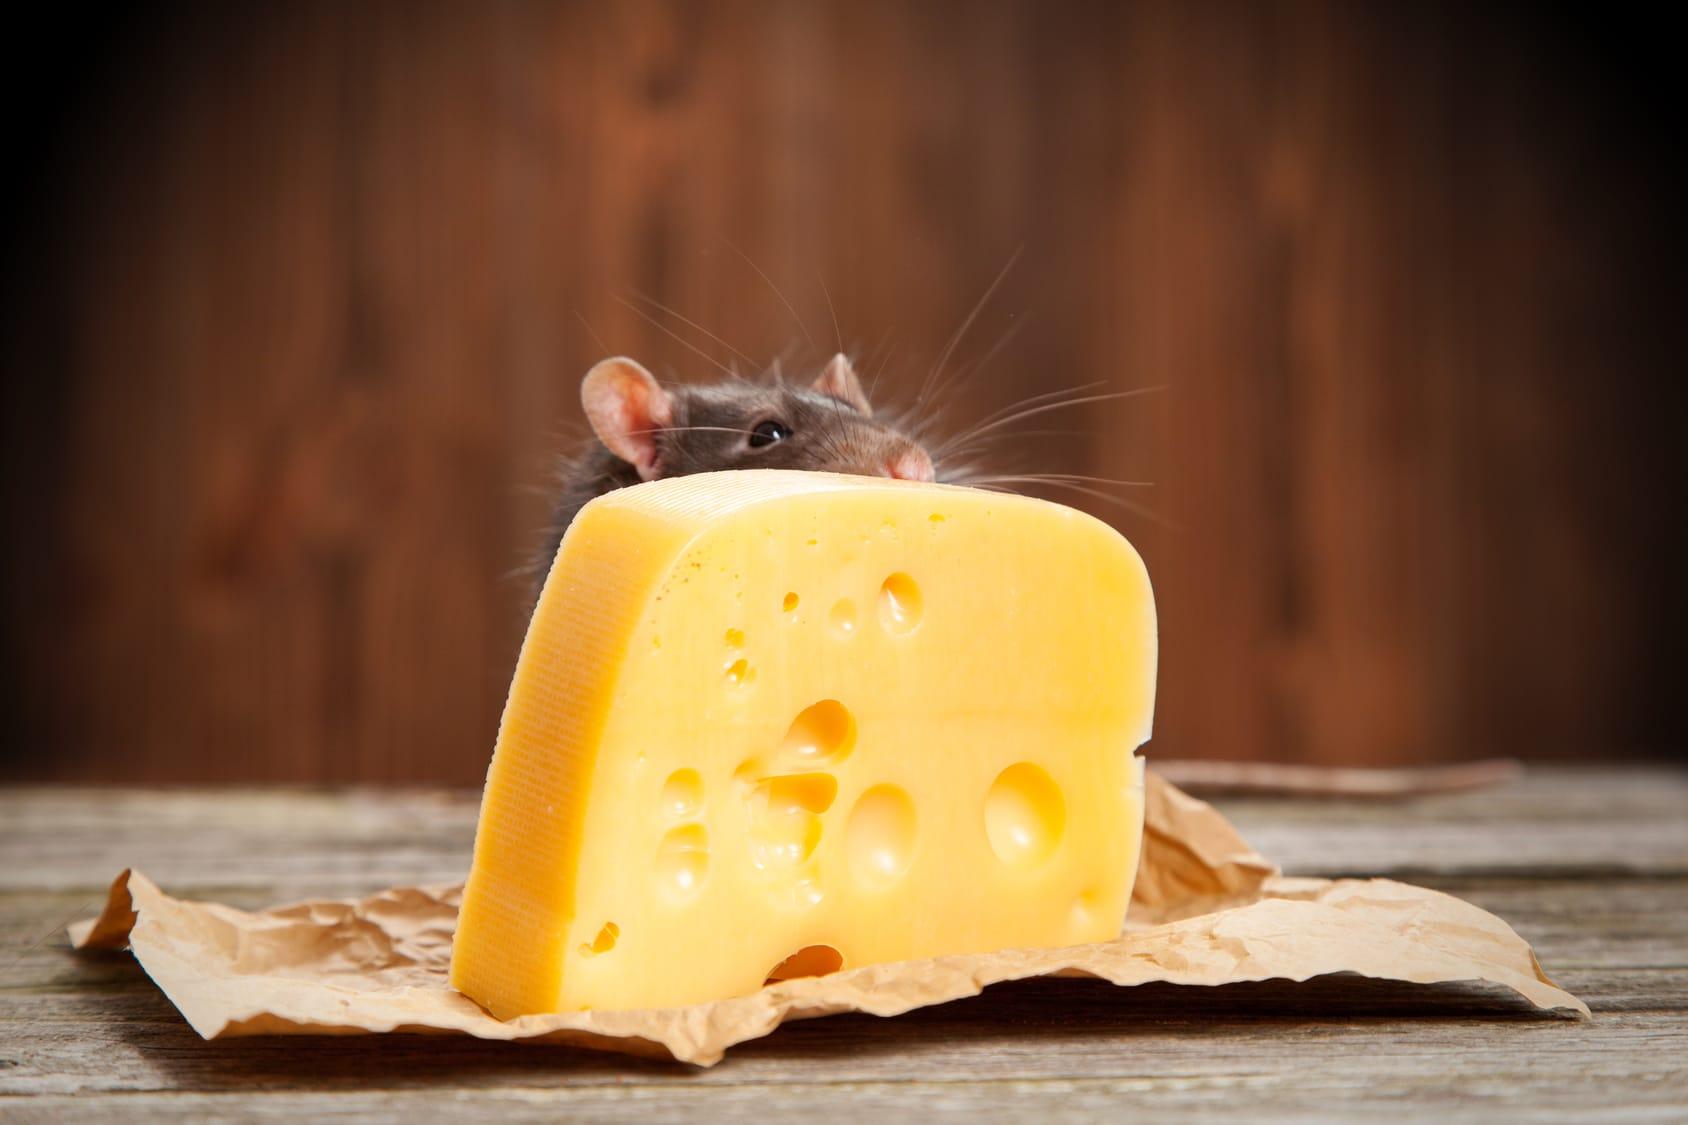 Was Fressen Mäuse fressen mäuse käse? - haushaltstipps